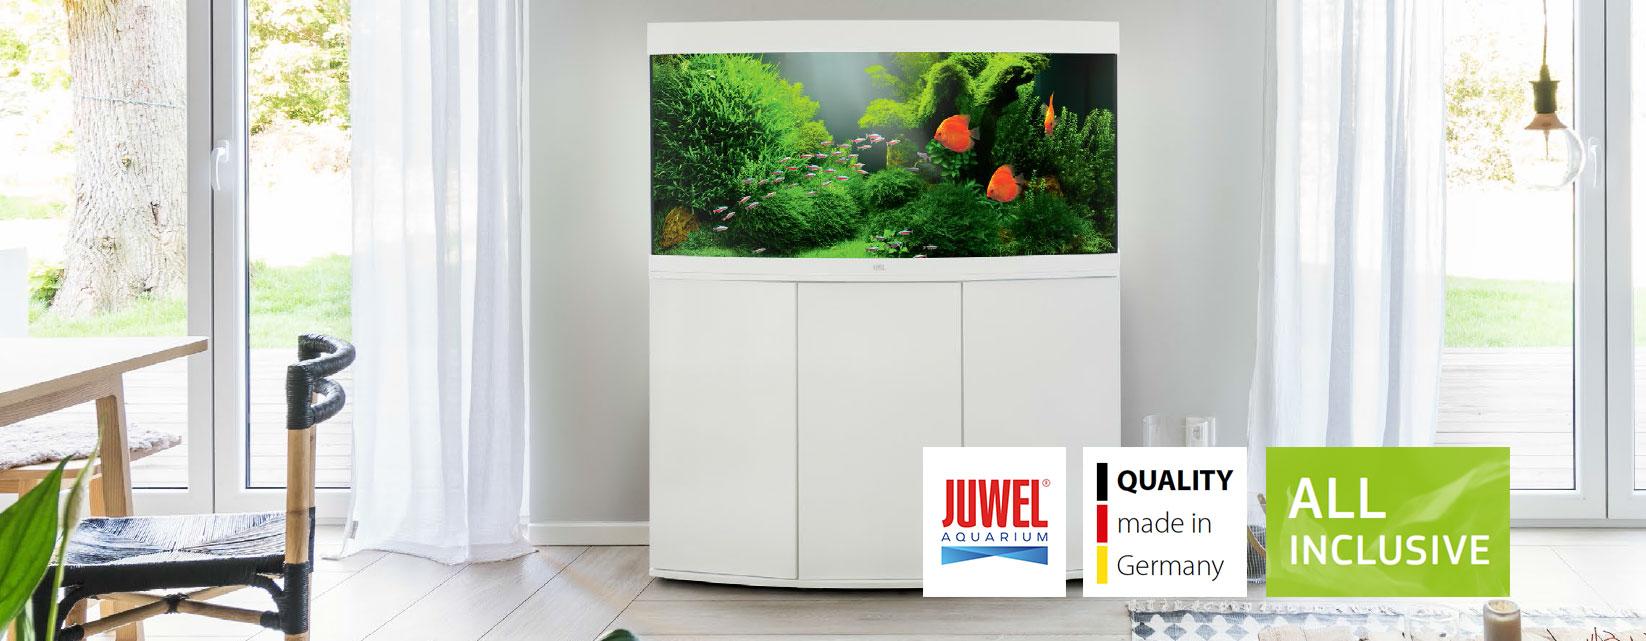 JUWEL Aquarium Online Shop, Bild 4